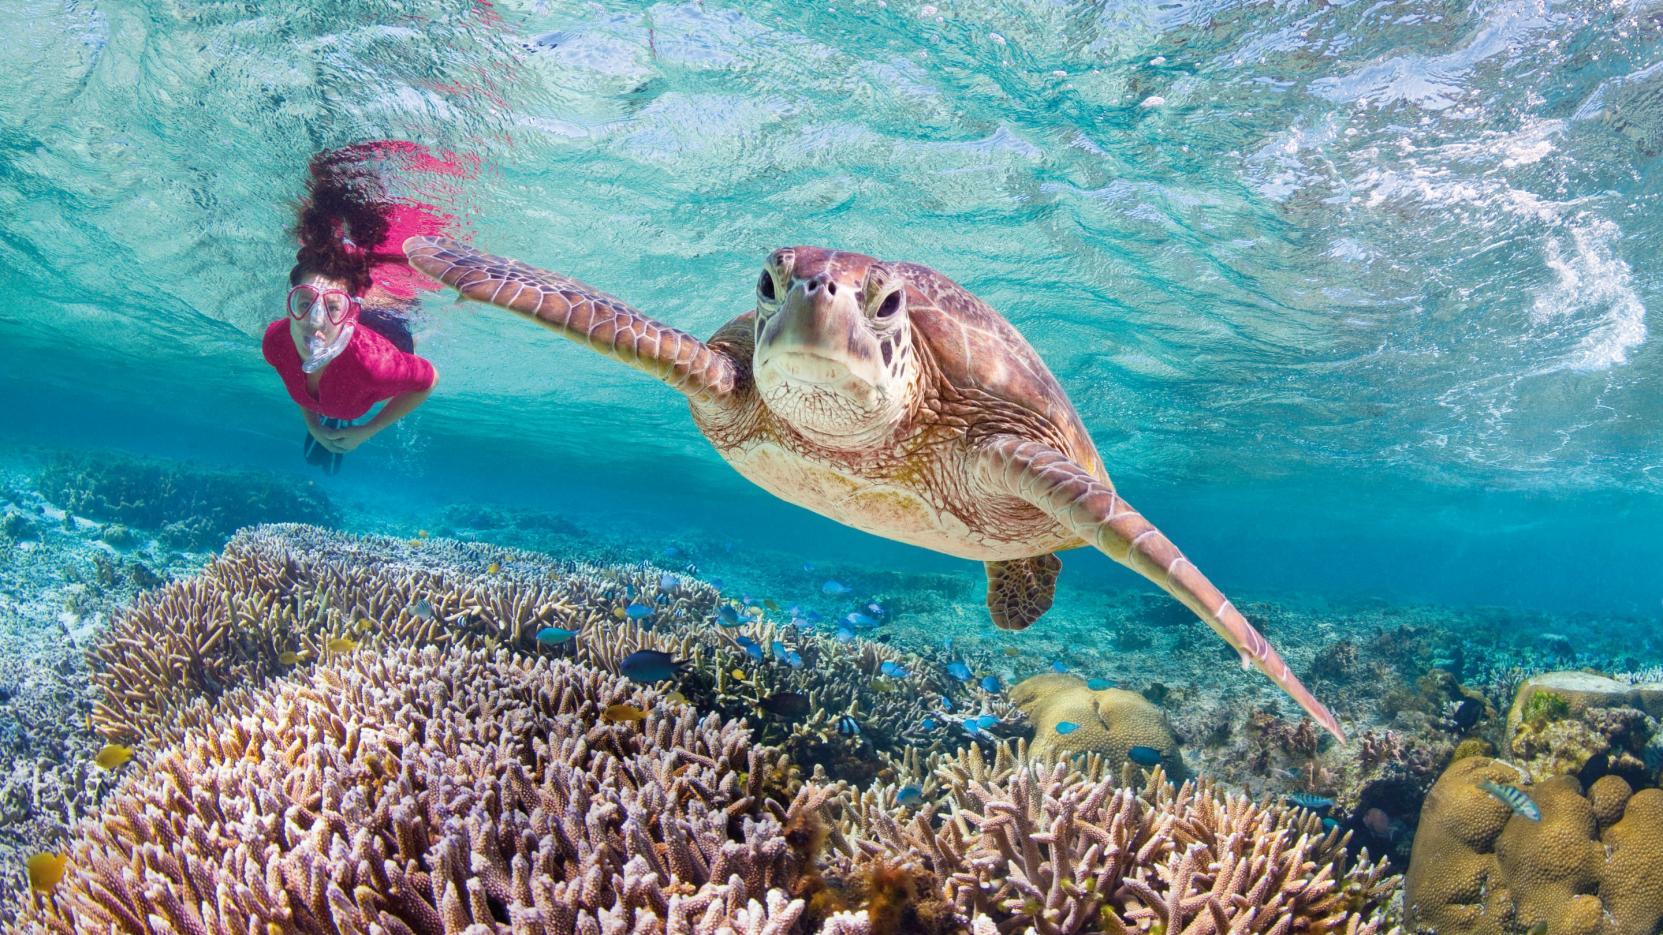 oceanquest excursion tour croisière plongée snorkeling bateau grande barrière